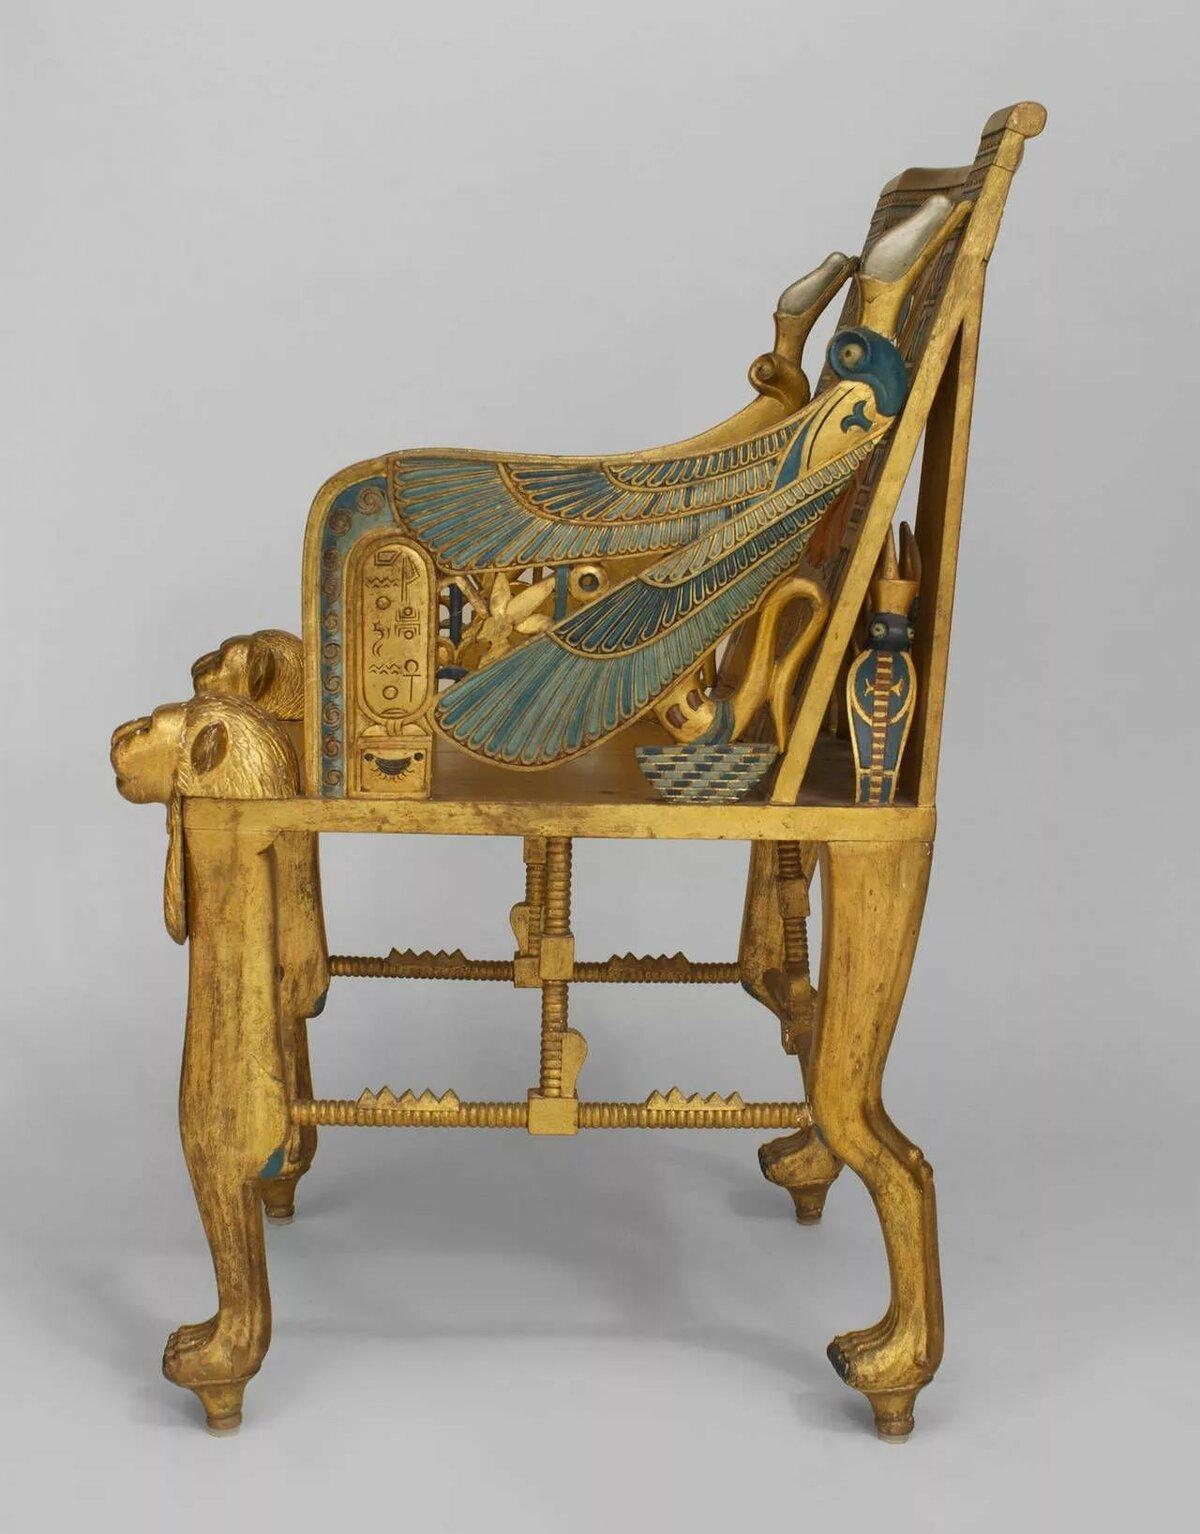 мебель в древнем египте картинки очень помогла, все